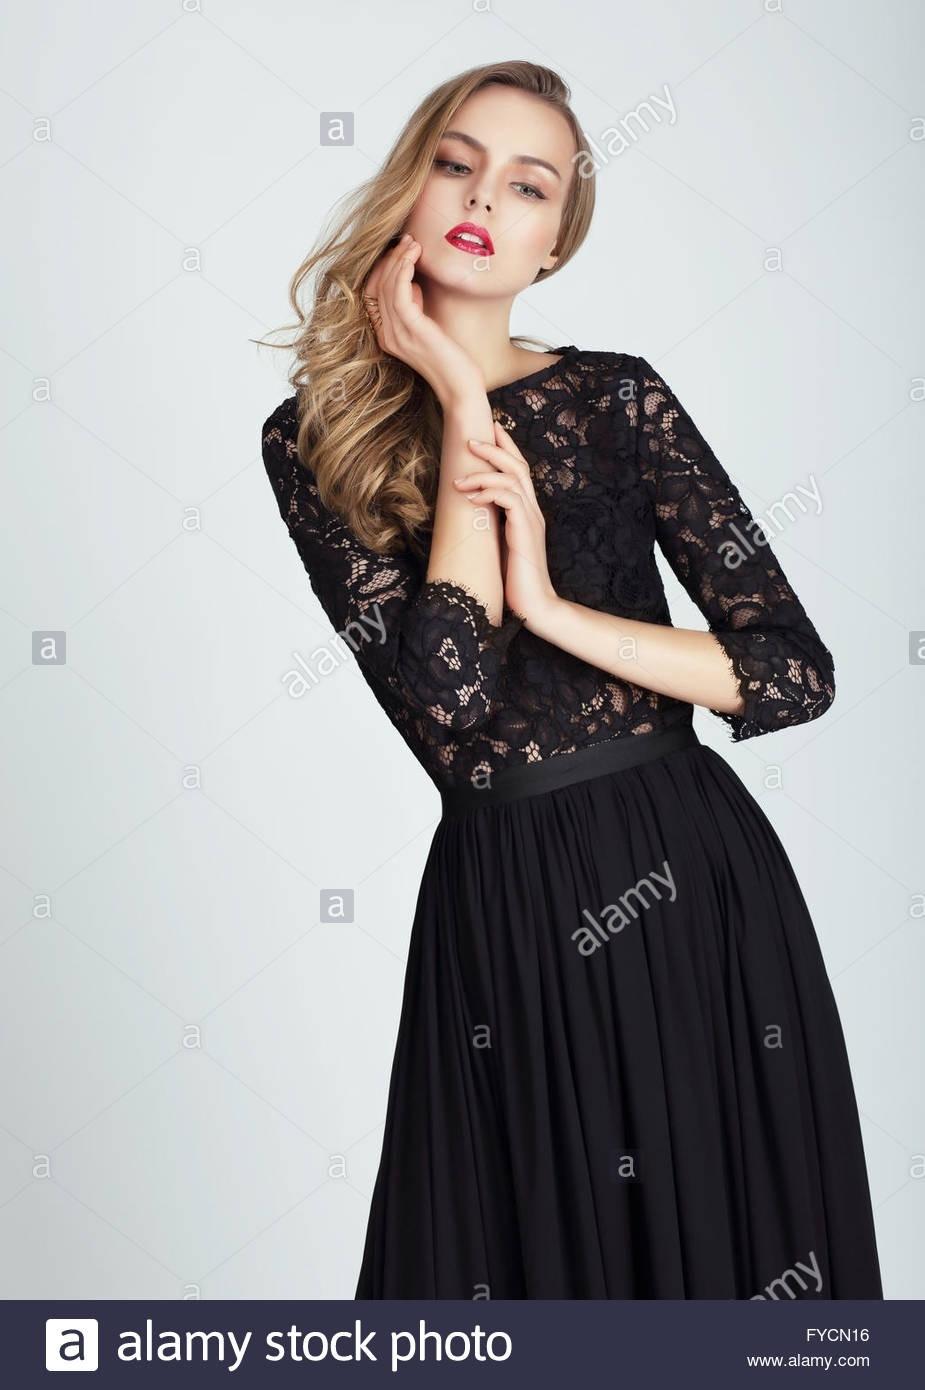 17 Fantastisch Schöne Kleider Für Junge Frauen Boutique20 Schön Schöne Kleider Für Junge Frauen Vertrieb